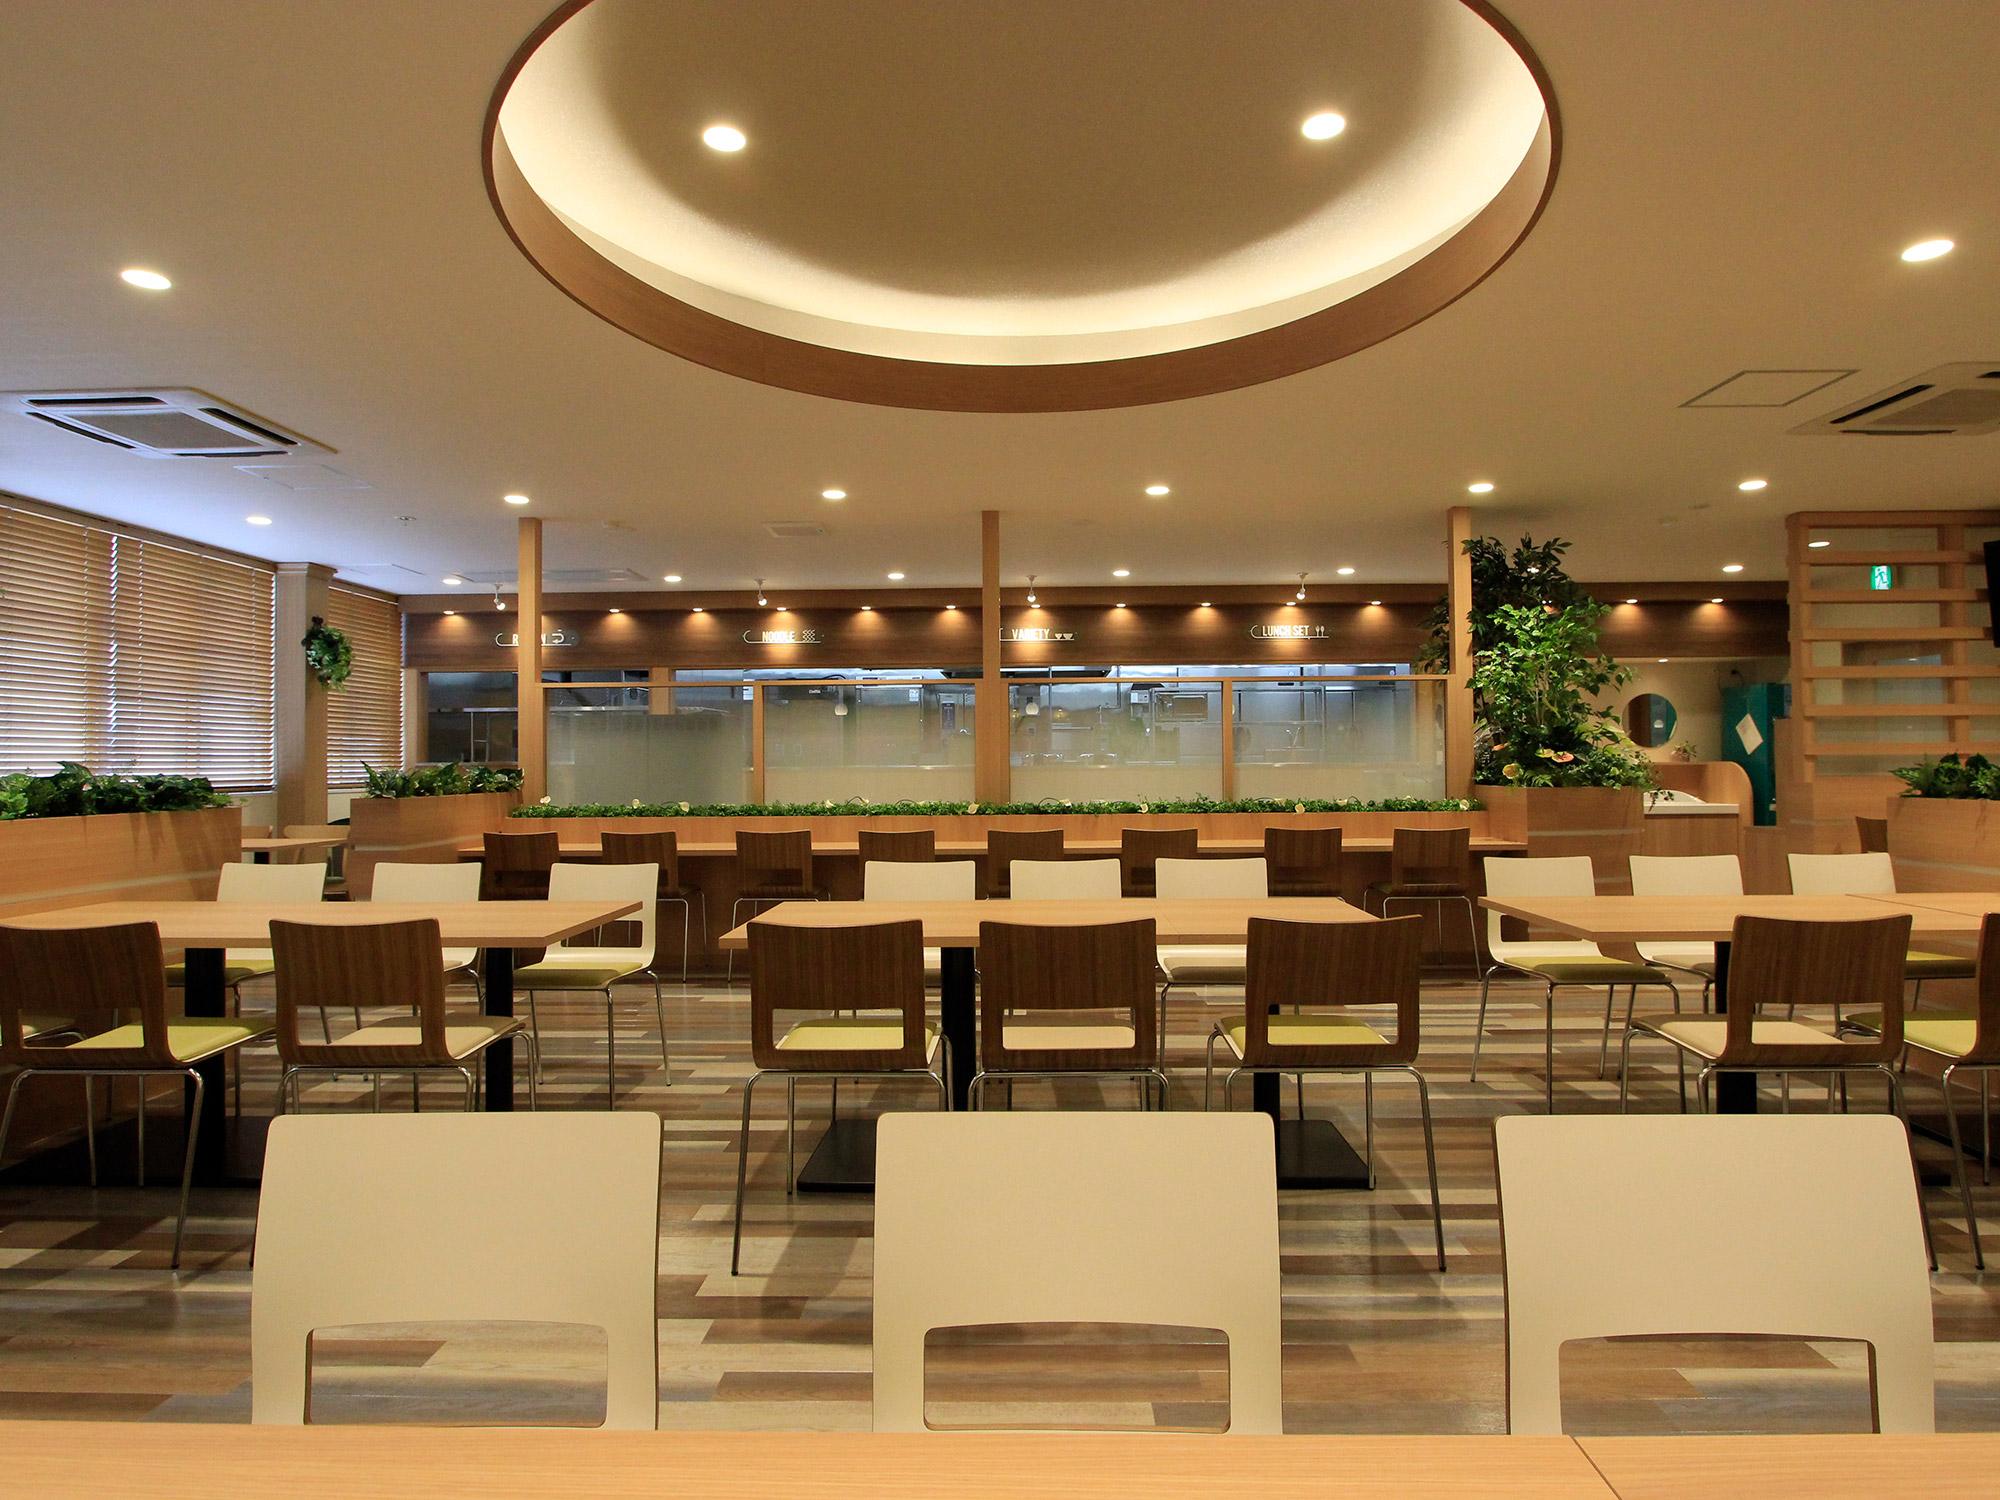 グリーン溢れるカフェのような明るい空間